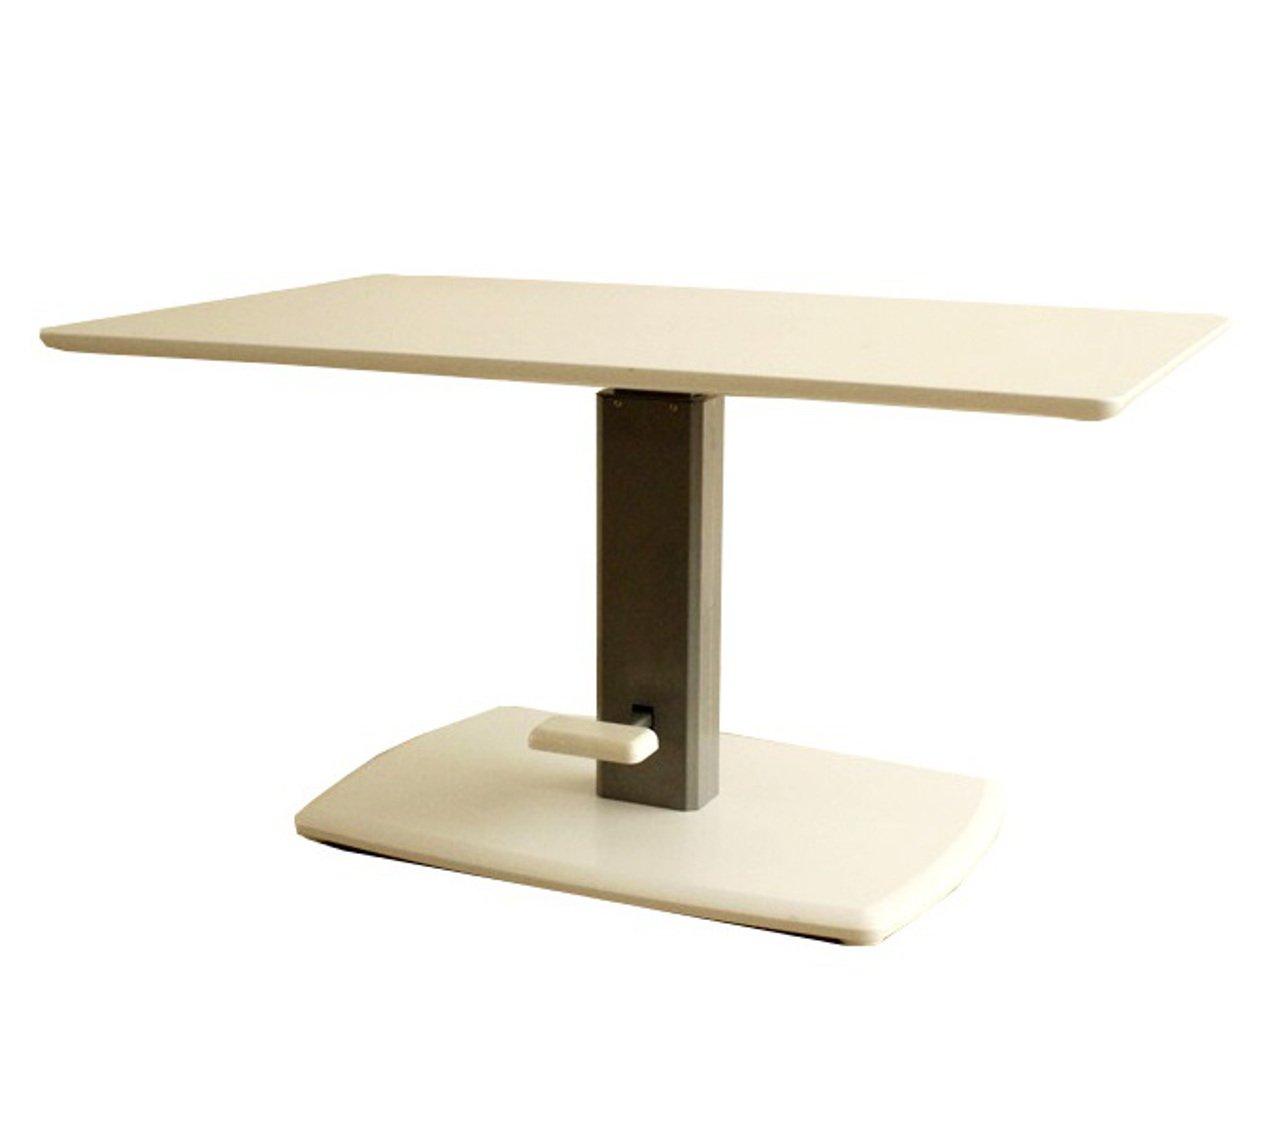 AHEART 昇降テーブル 幅120㎝ ガス圧ペダル 無段階 リフトテーブル SI 334 ホワイト B079KZHLN7 ホワイト ホワイト